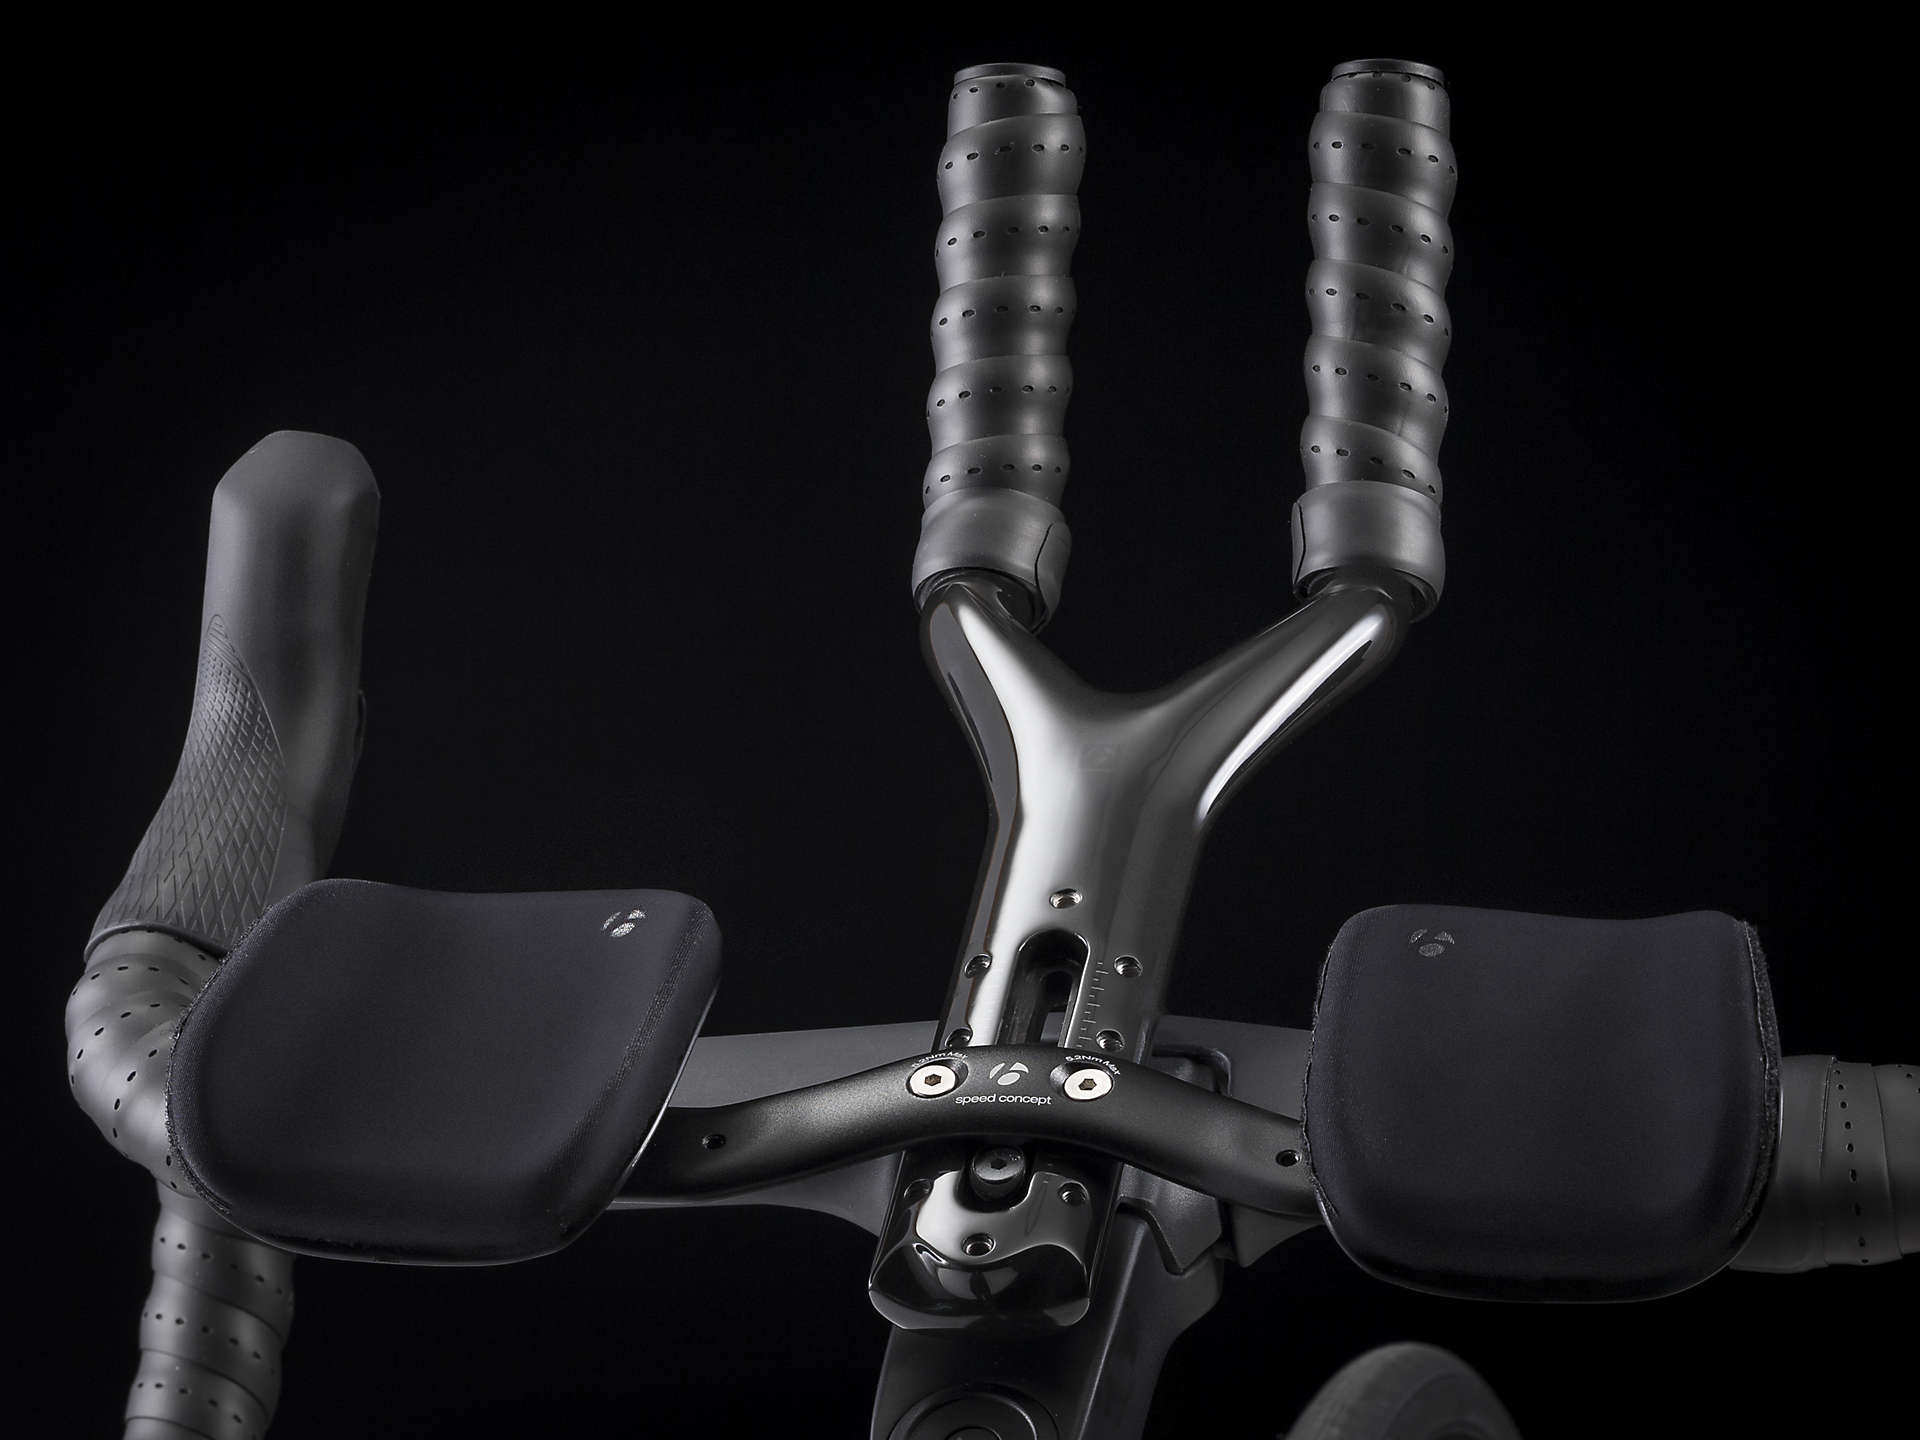 Bicicleta Trek Madone Speed Disco - Tamanho 54 - Por R$ 45.999,00 - 2020